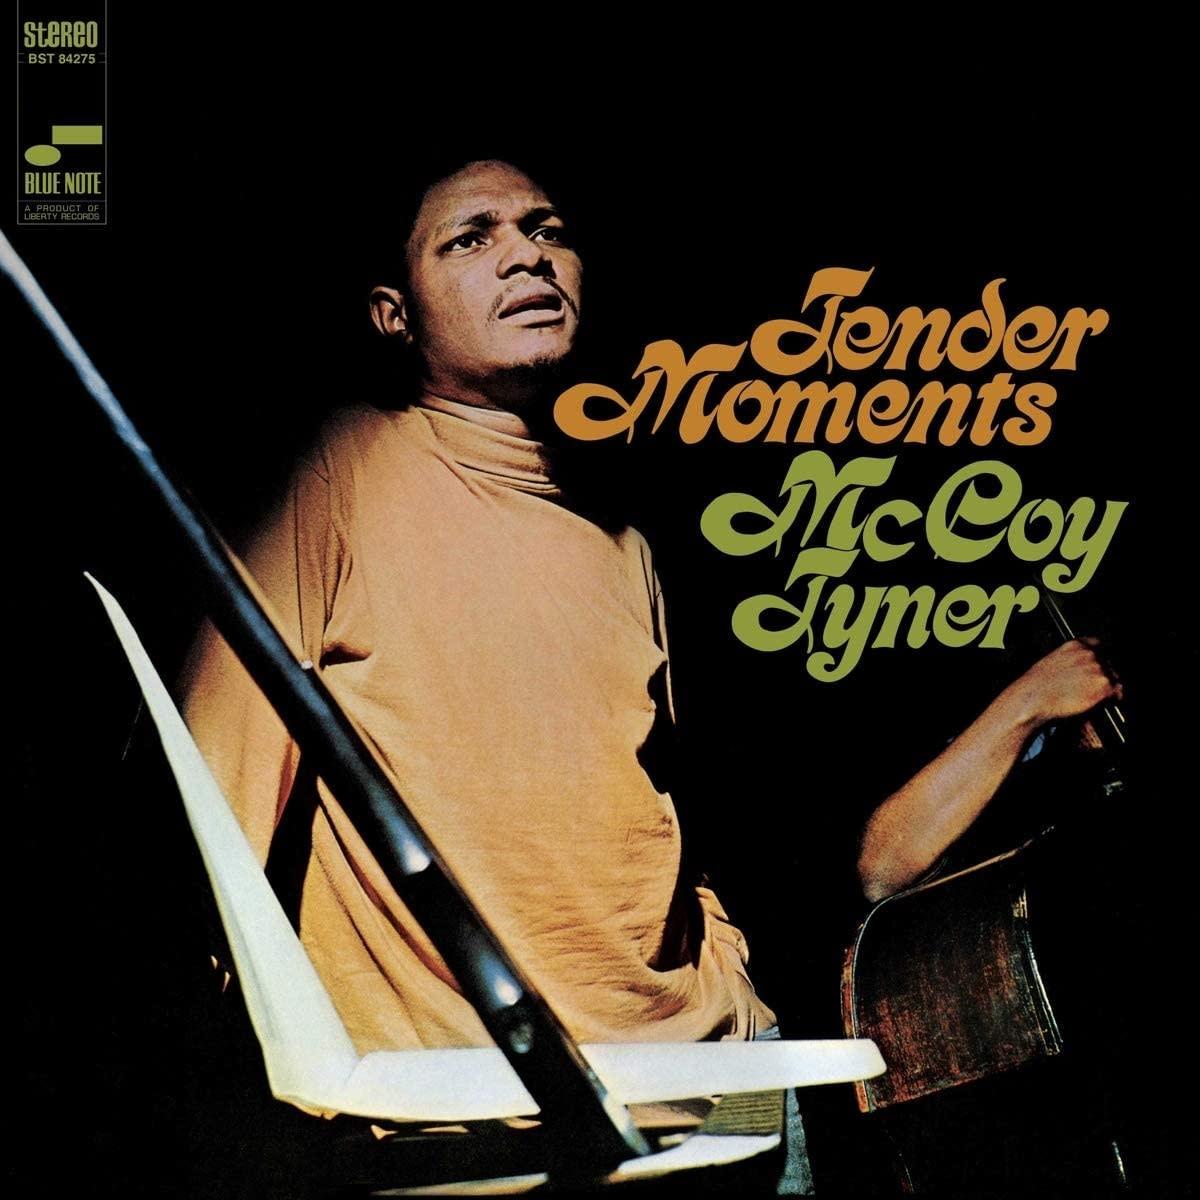 McCoy Tyner – Tender Moments